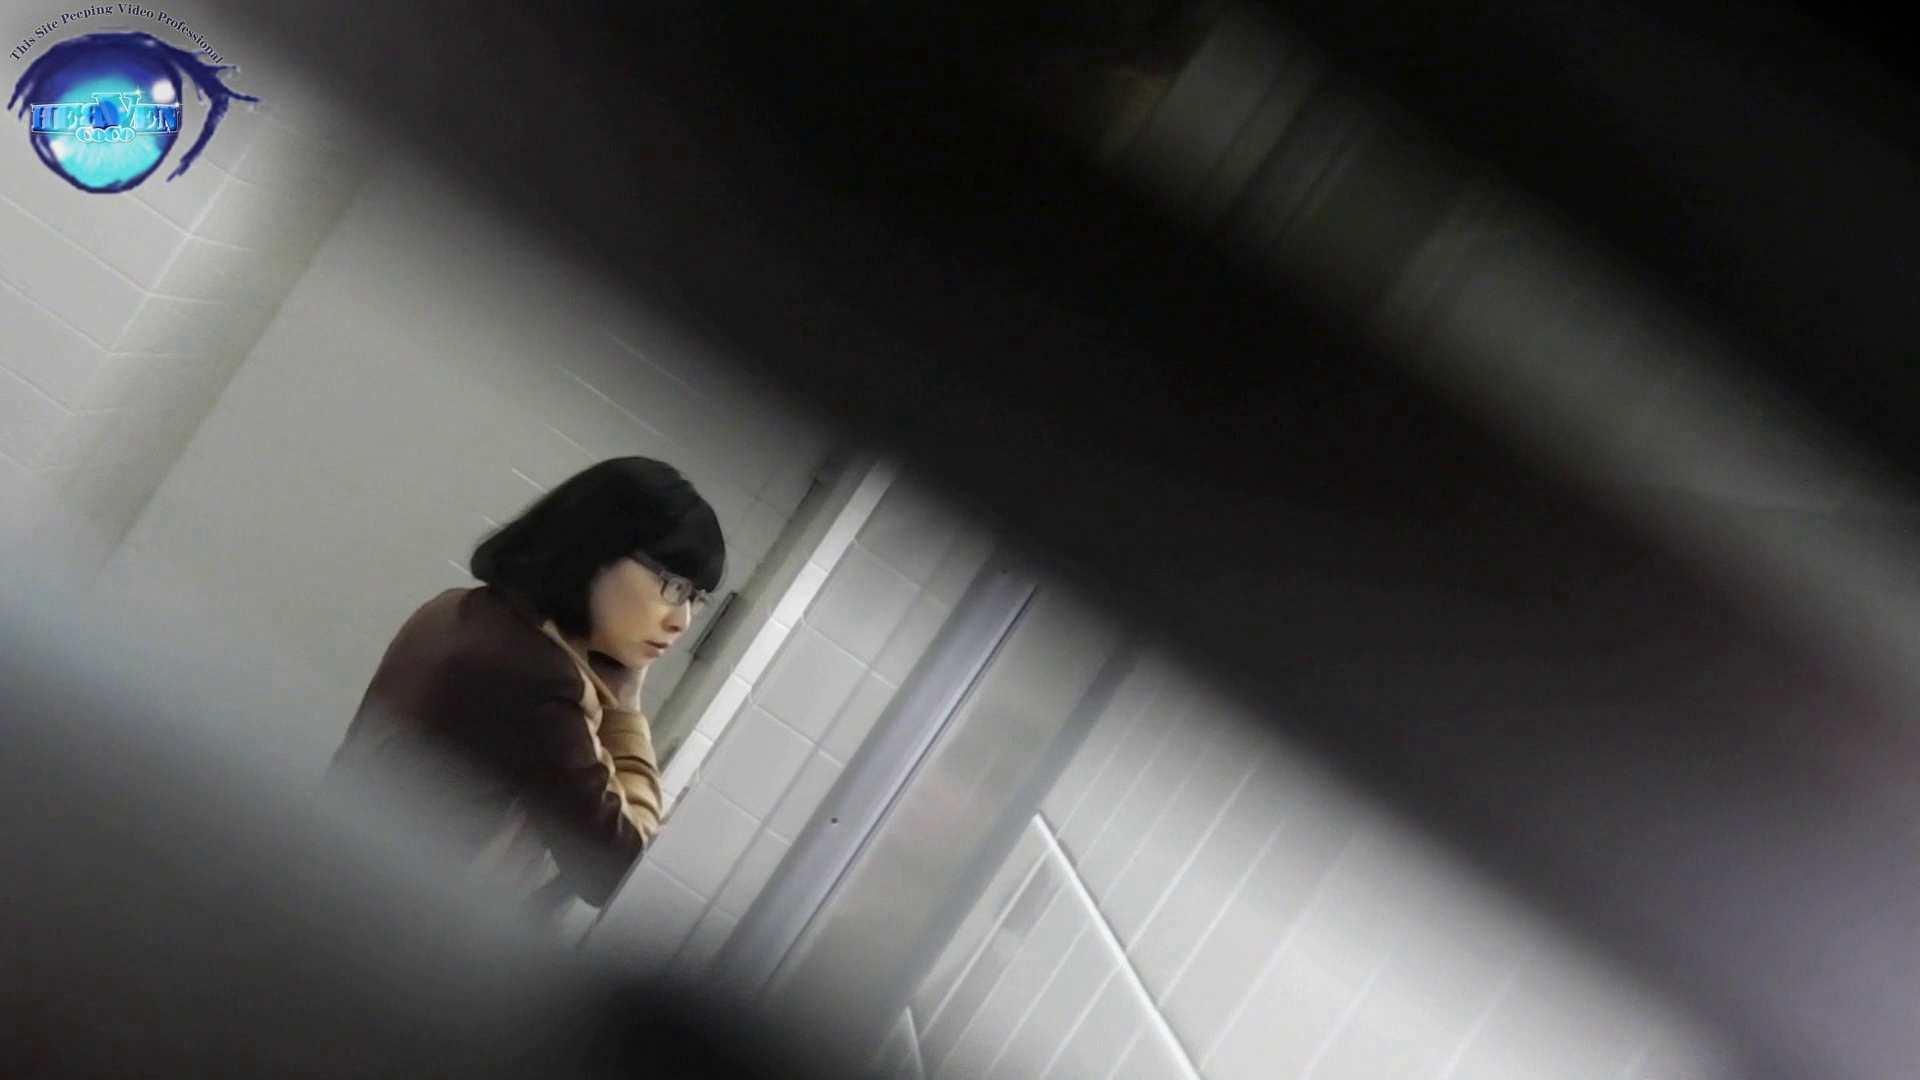 お銀さん vol.59 ピンチ!!「鏡の前で祈る女性」にばれる危機 前編 美人  108連発 24